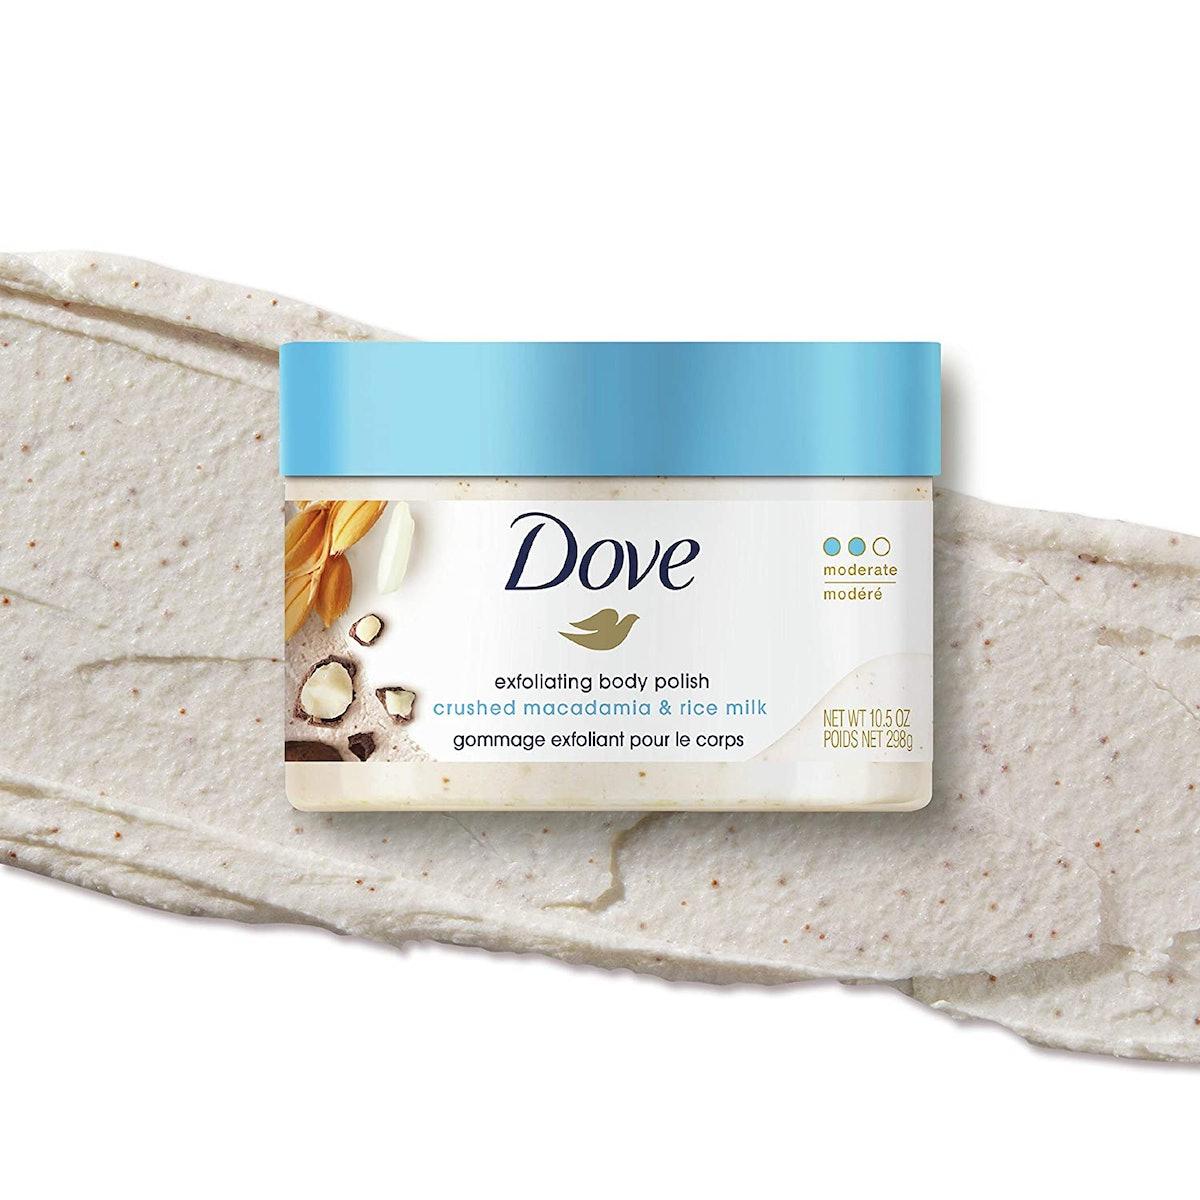 Dove Exfoliating Body Polish Scrub